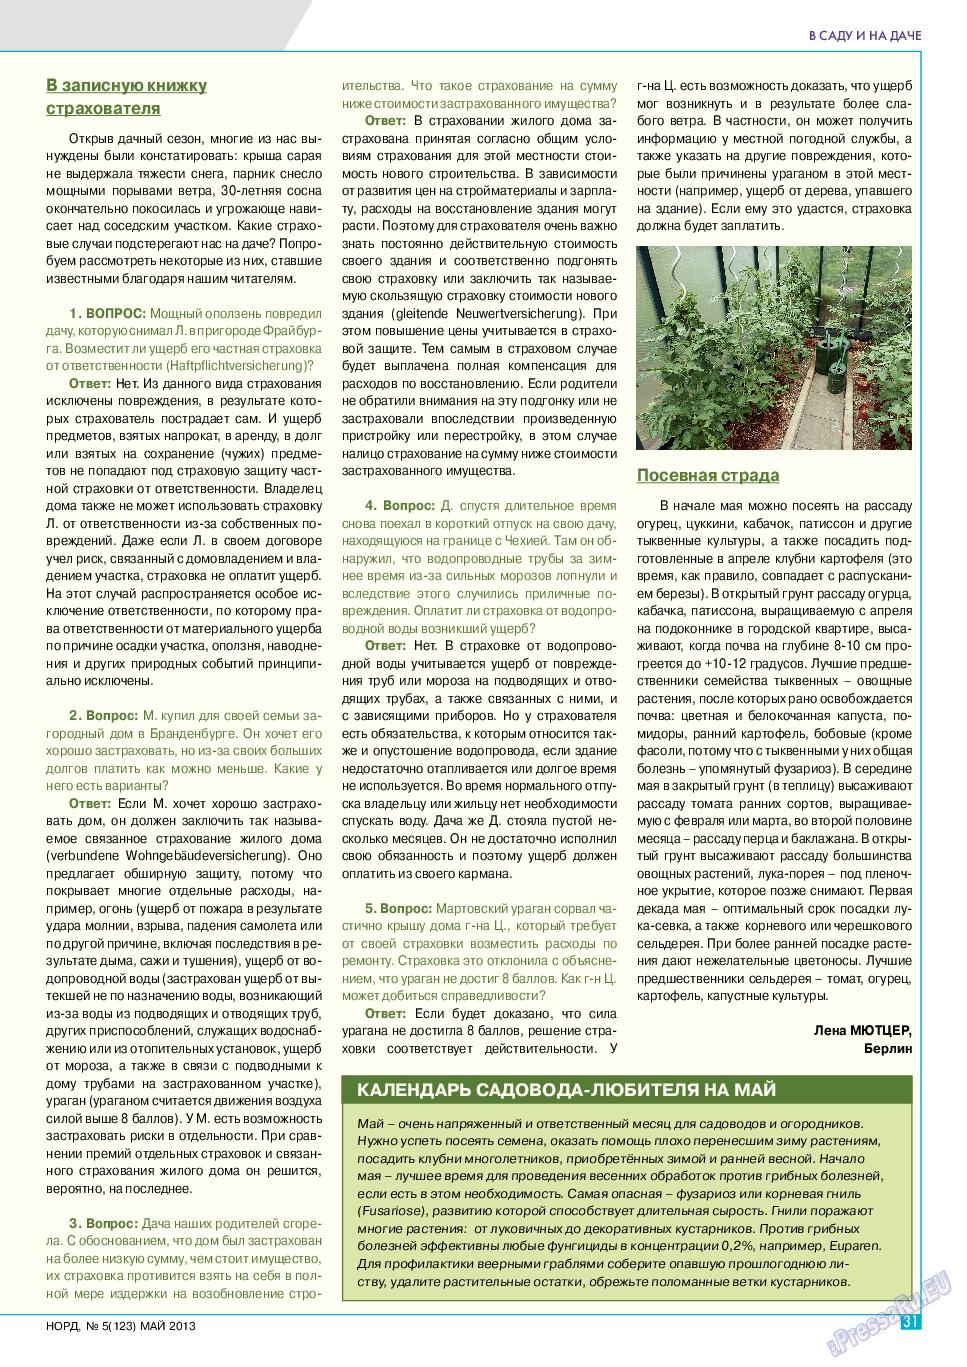 Норд (журнал). 2013 год, номер 5, стр. 31